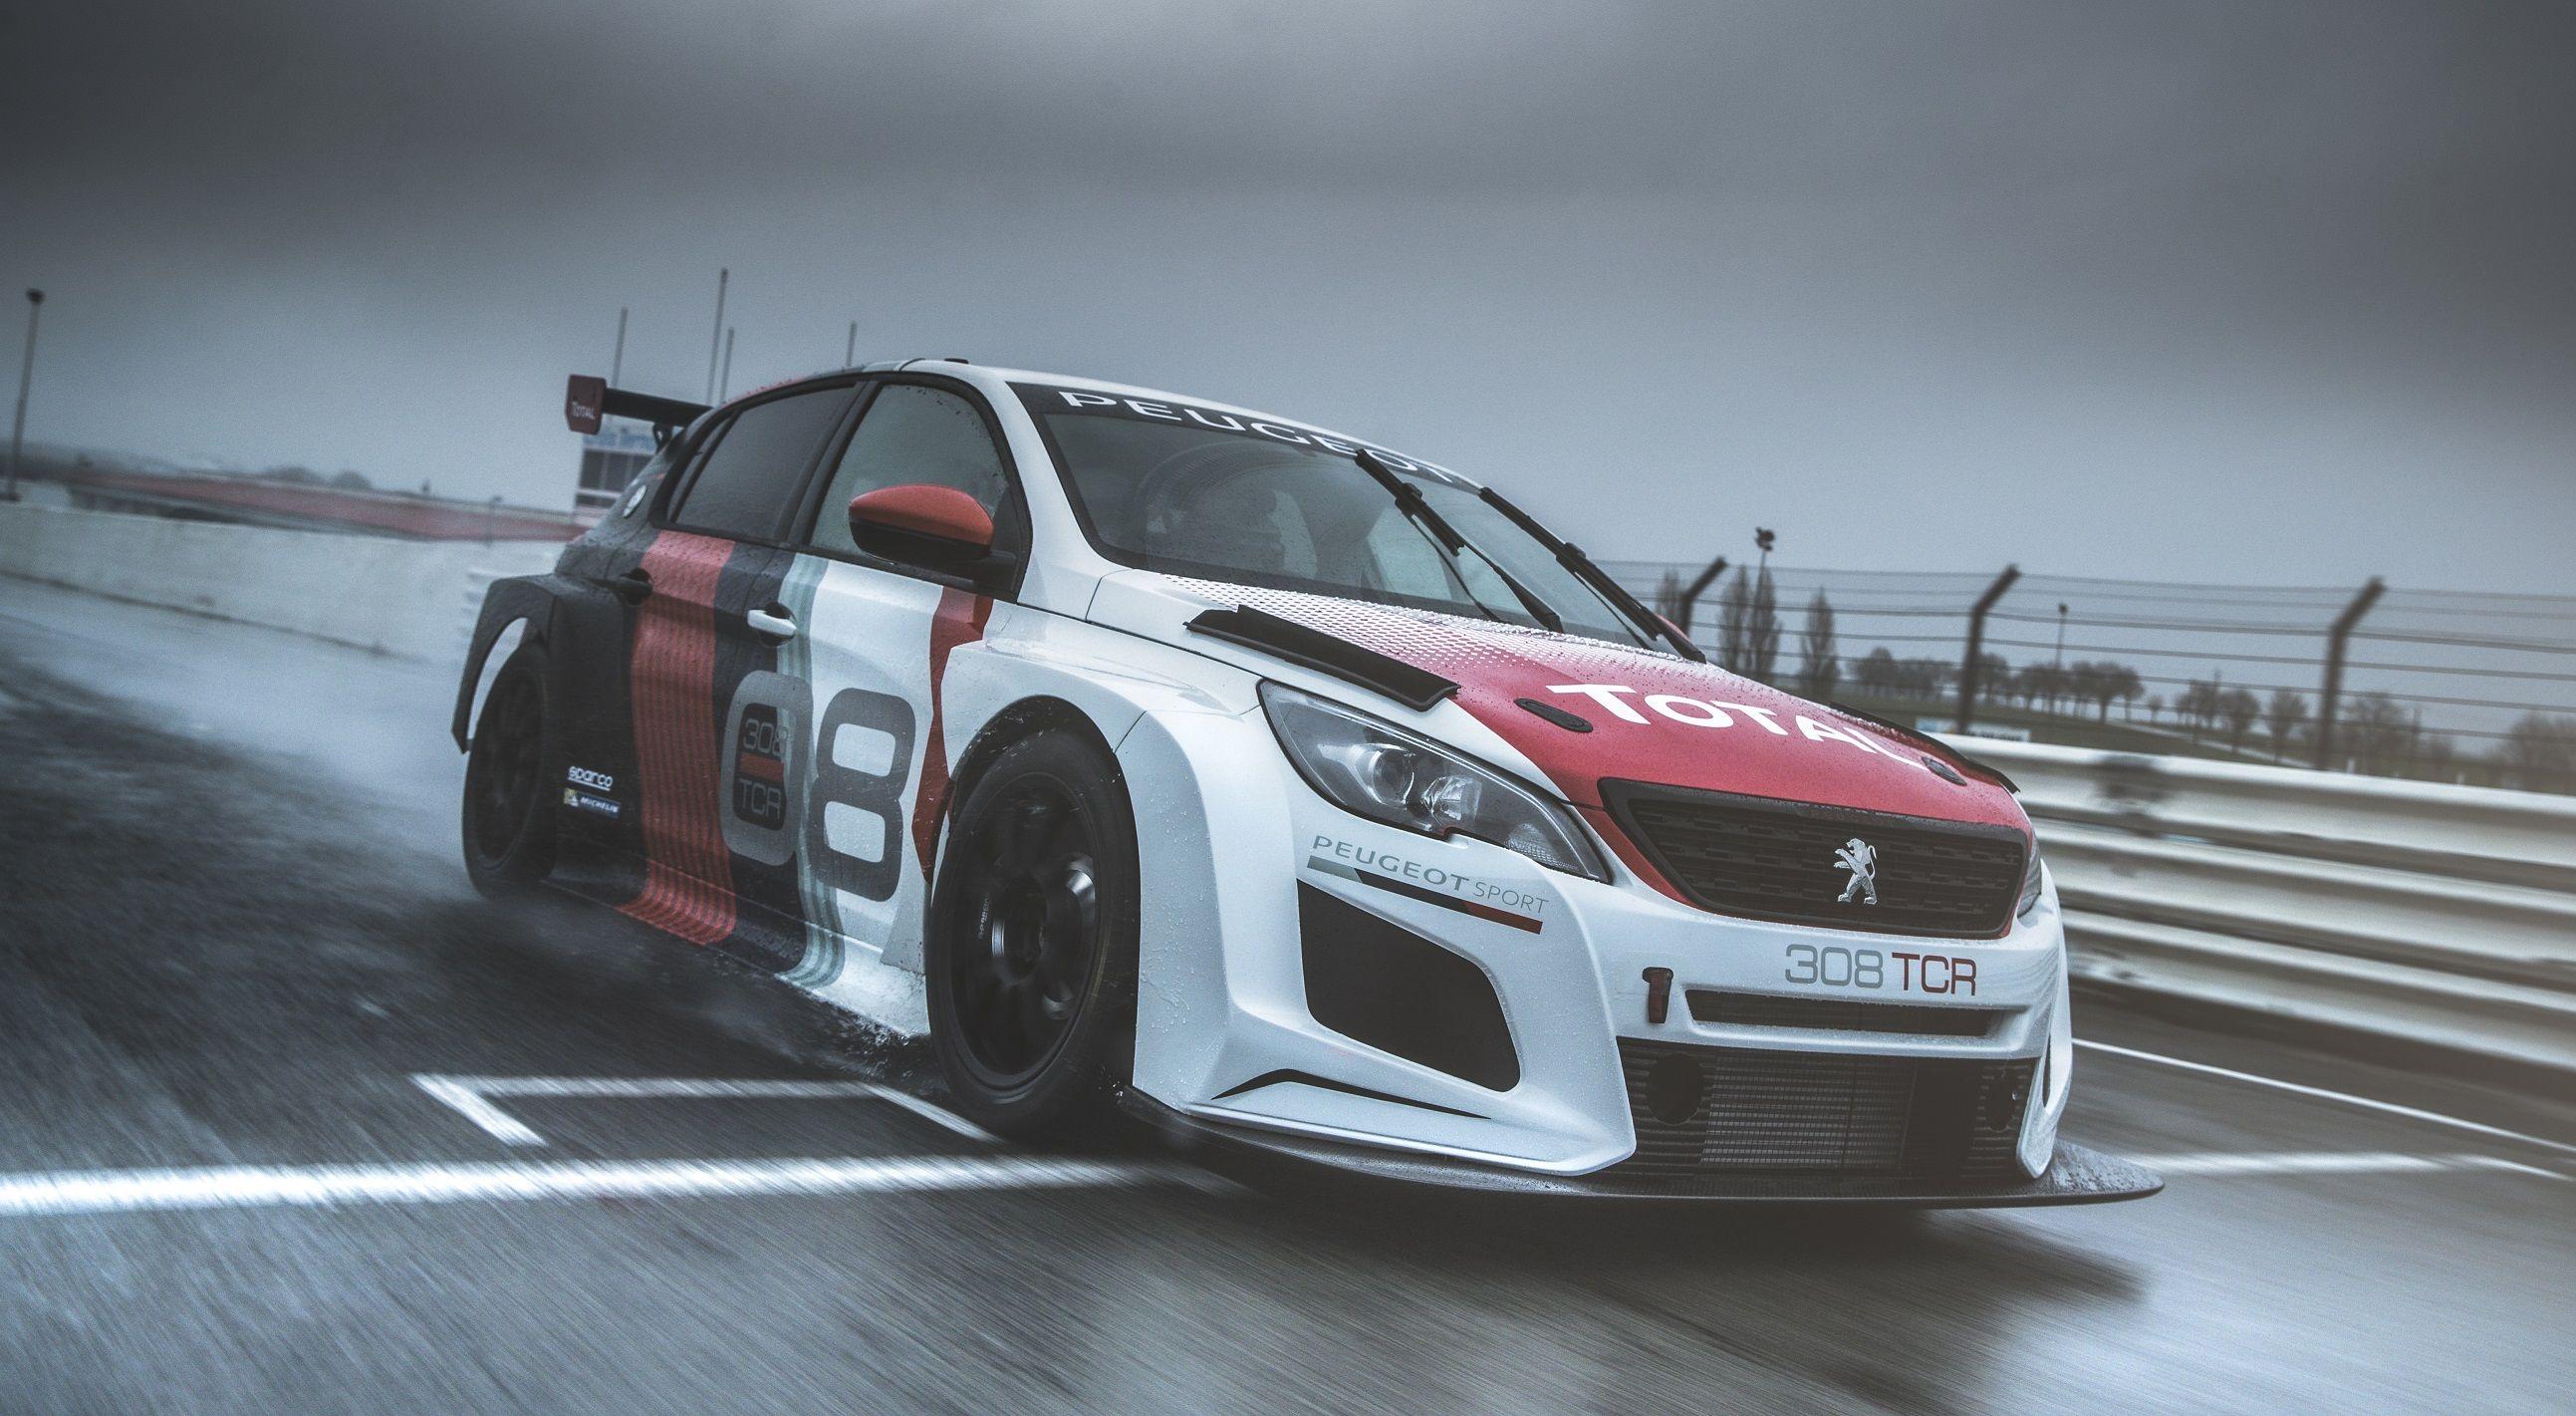 Peugeot 308TCR: Vocación internacional